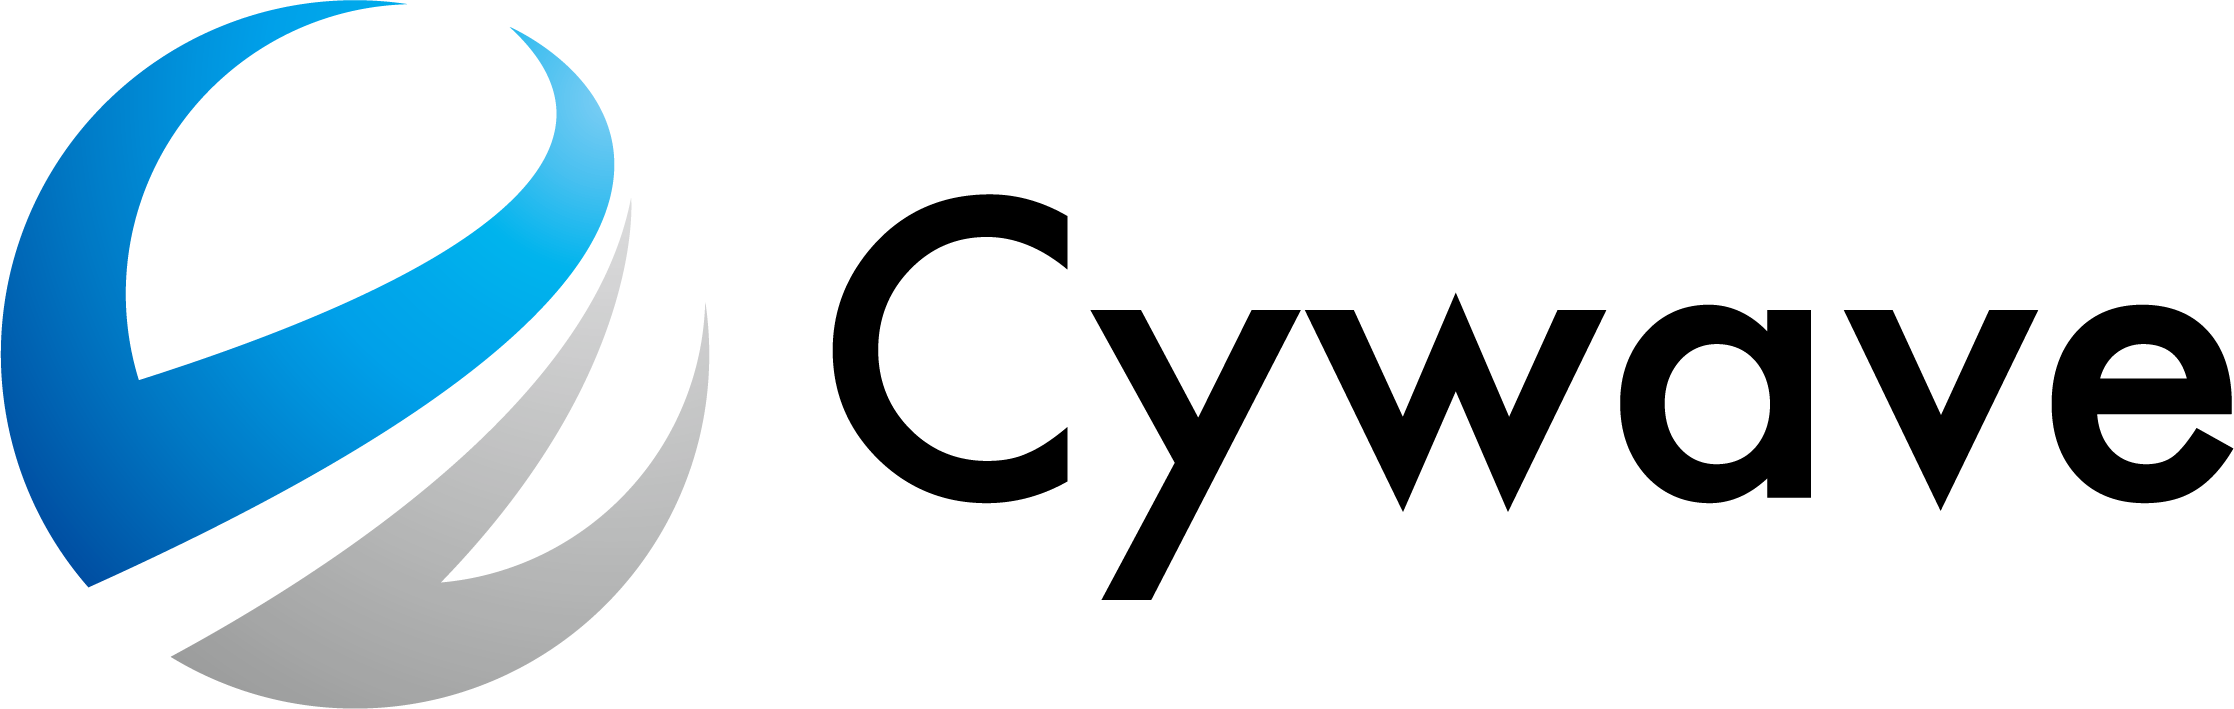 株式会社サイウェーブ